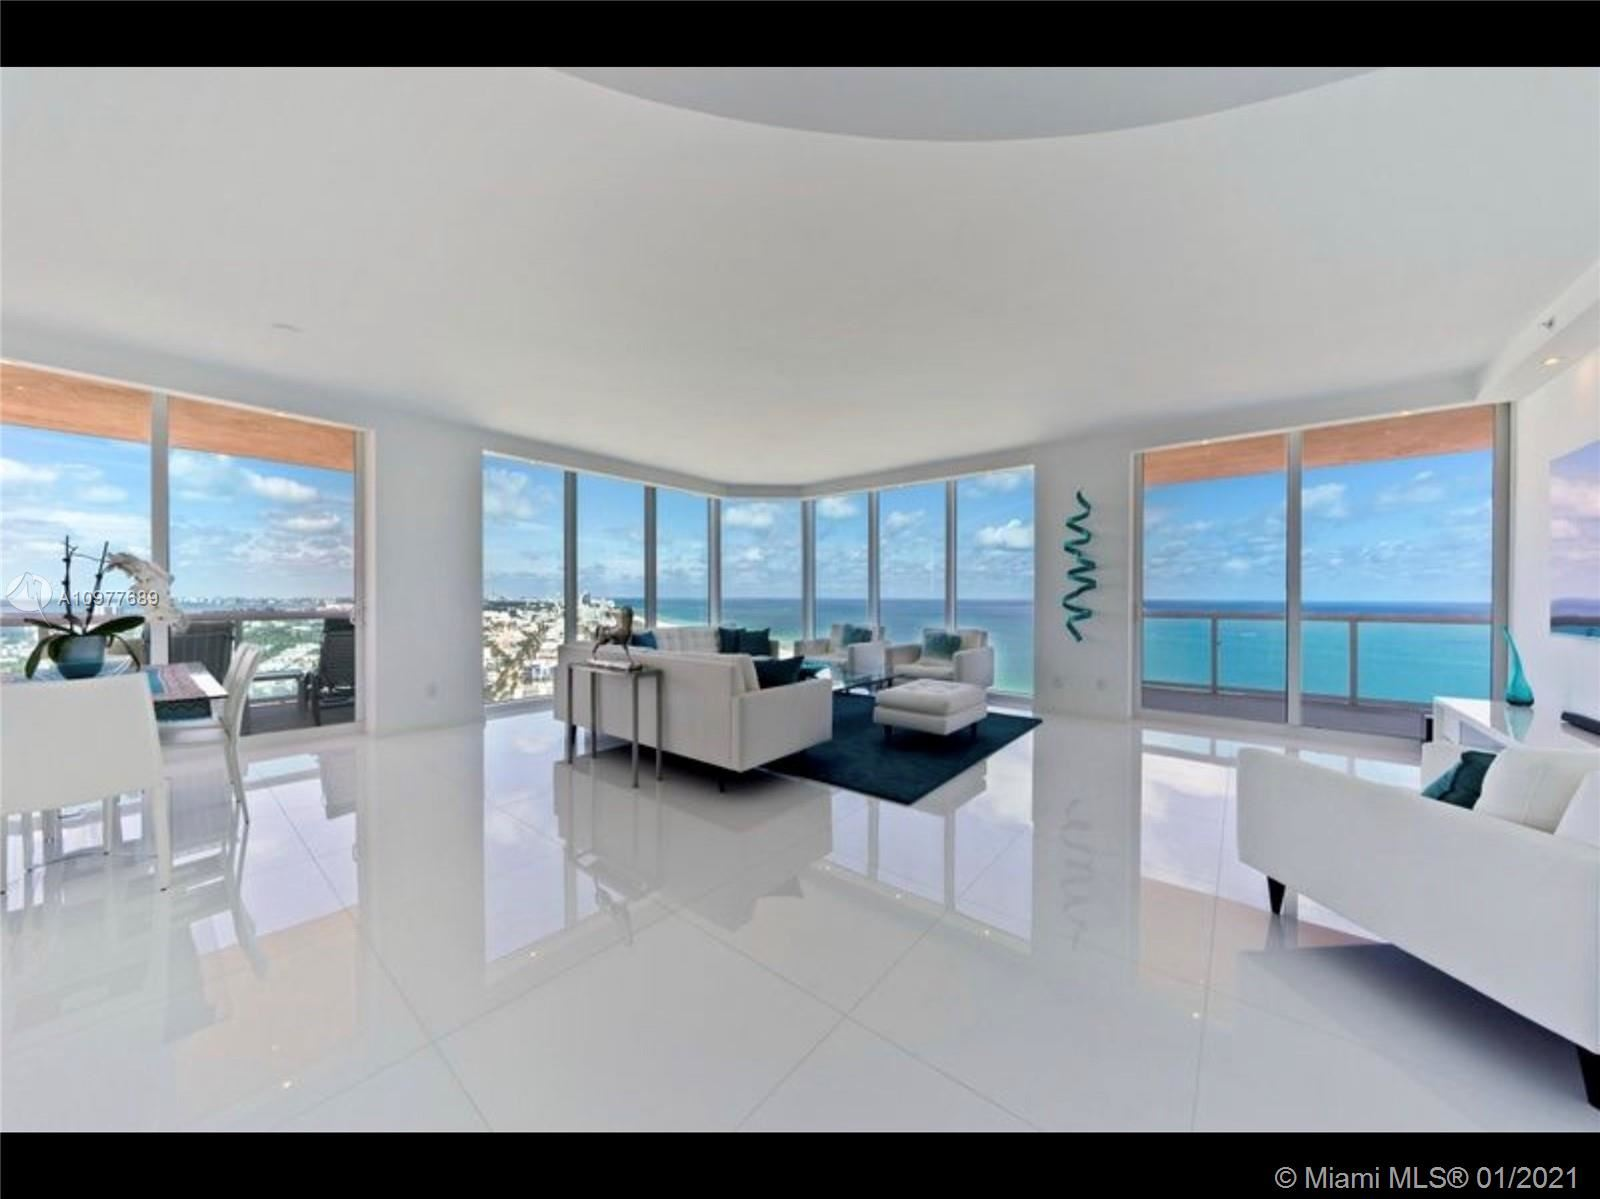 300 S Pointe Dr #3905, Miami Beach, FL 33139 - #: A10977689